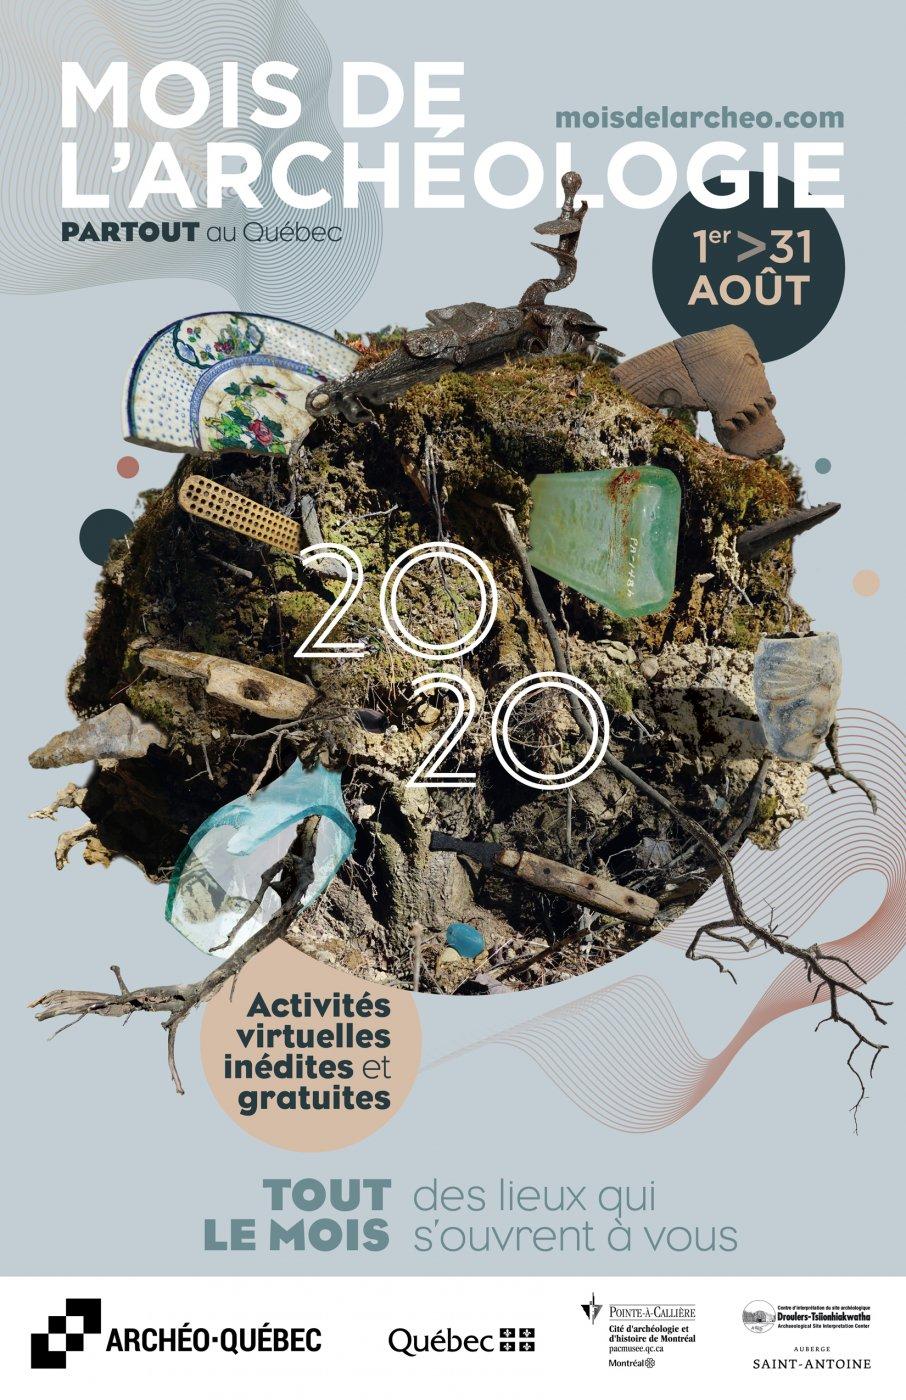 Affiche du Mois de l'archéologie 2020